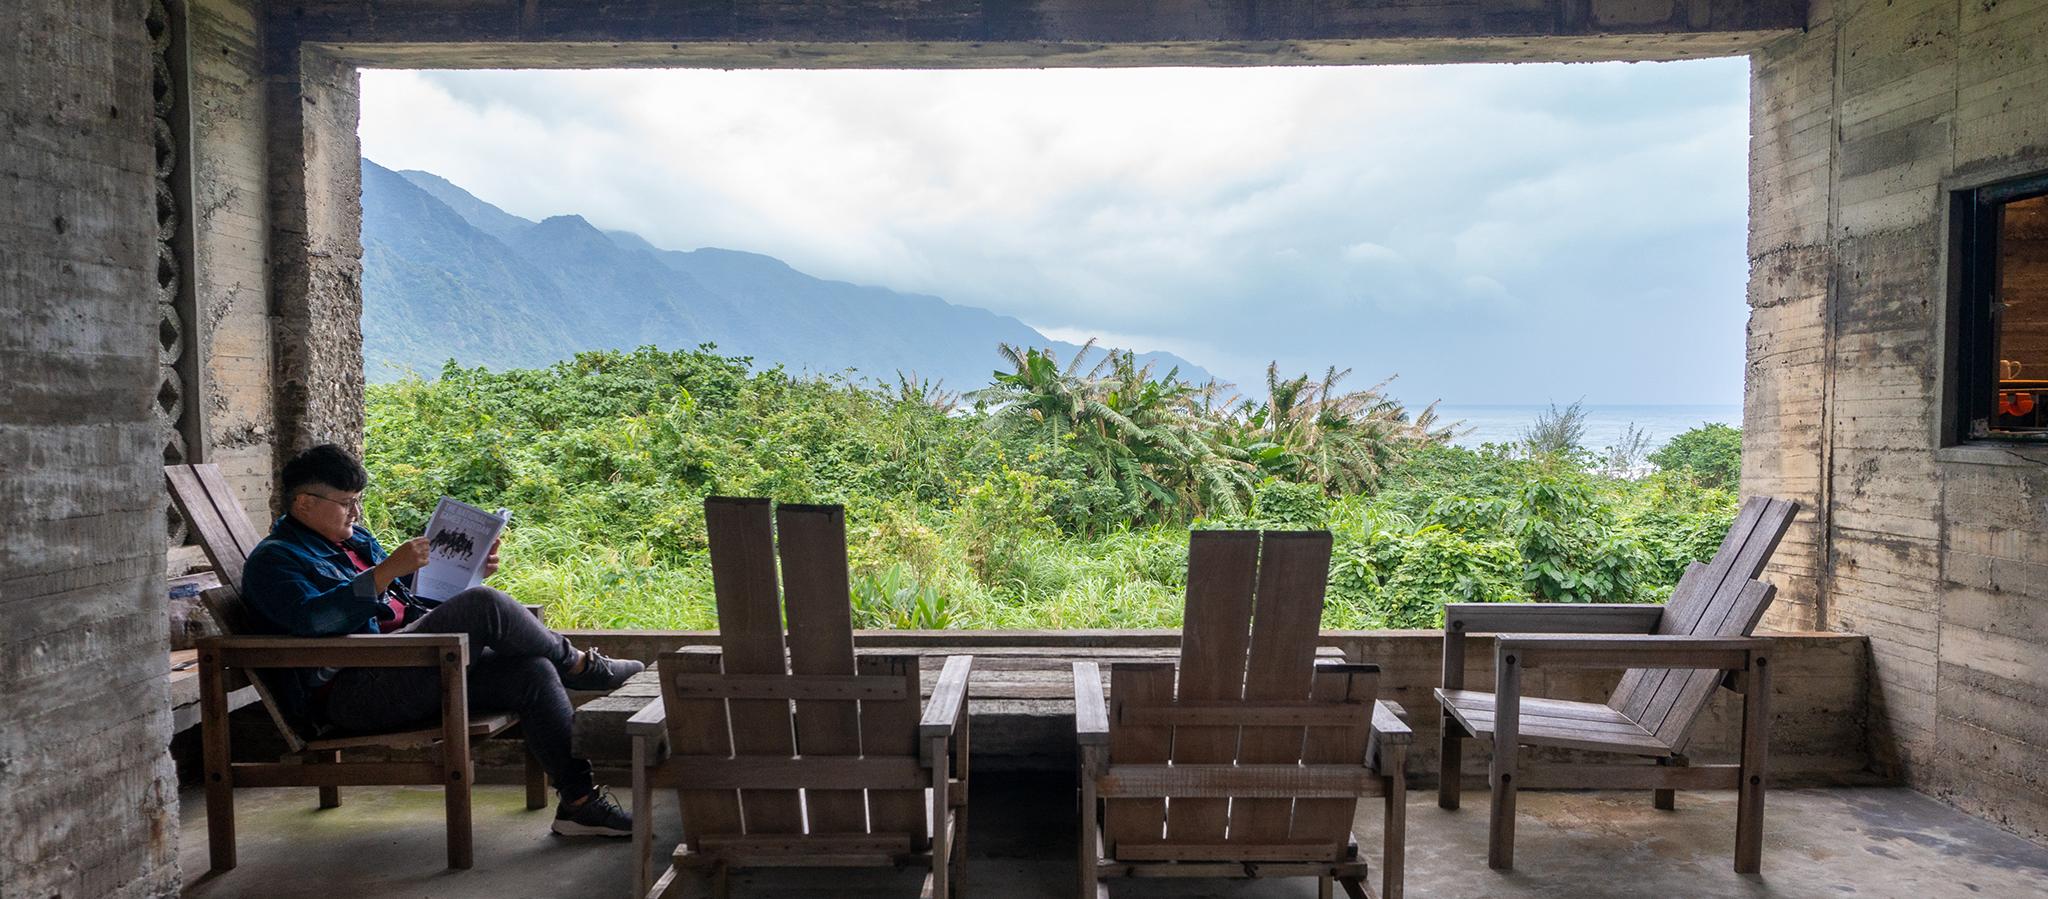 每扇窗都是幅太平洋風景:「緩慢尋路.石梯灣 118」,花蓮石梯坪的特色設計民宿+藝術空間